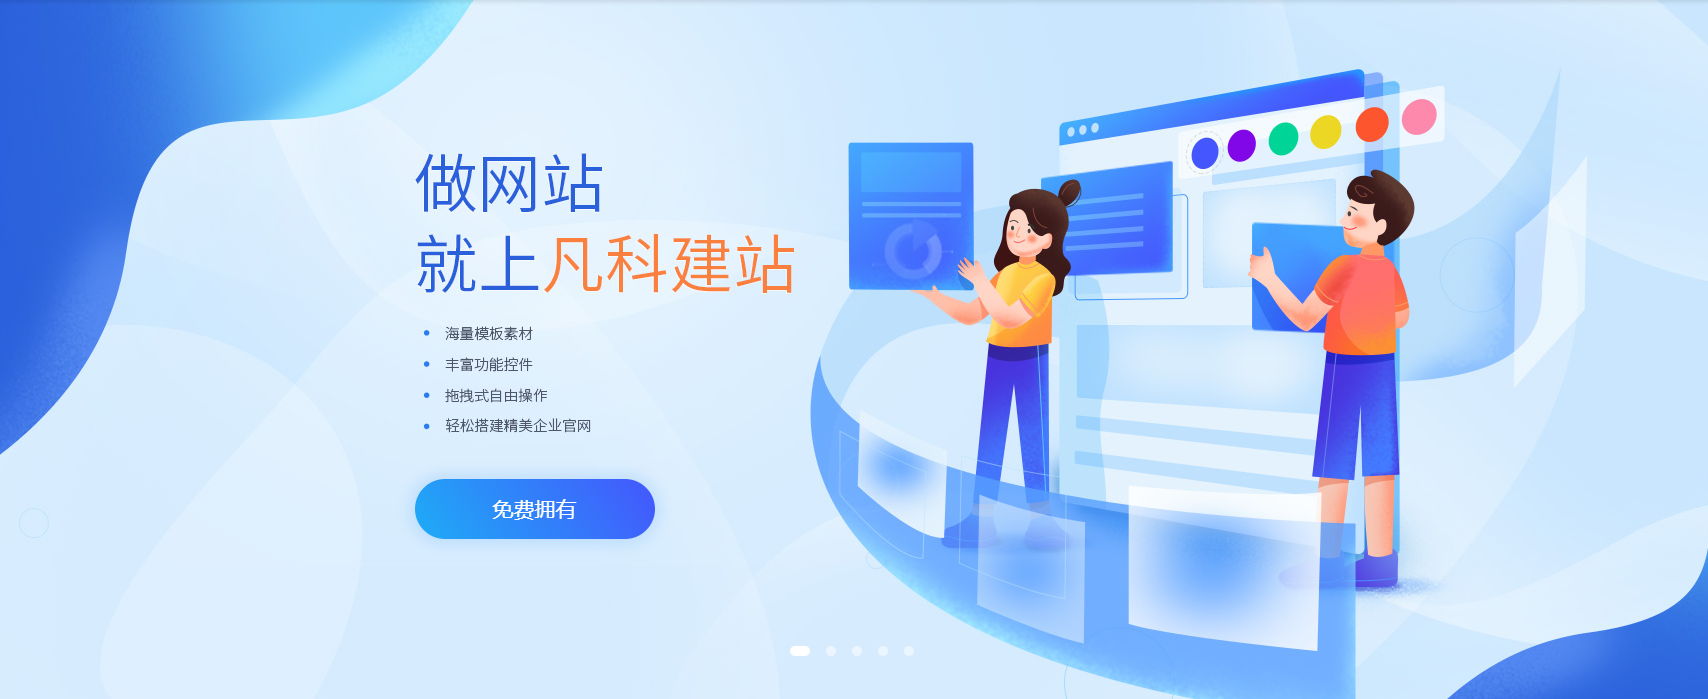 企业网站信息